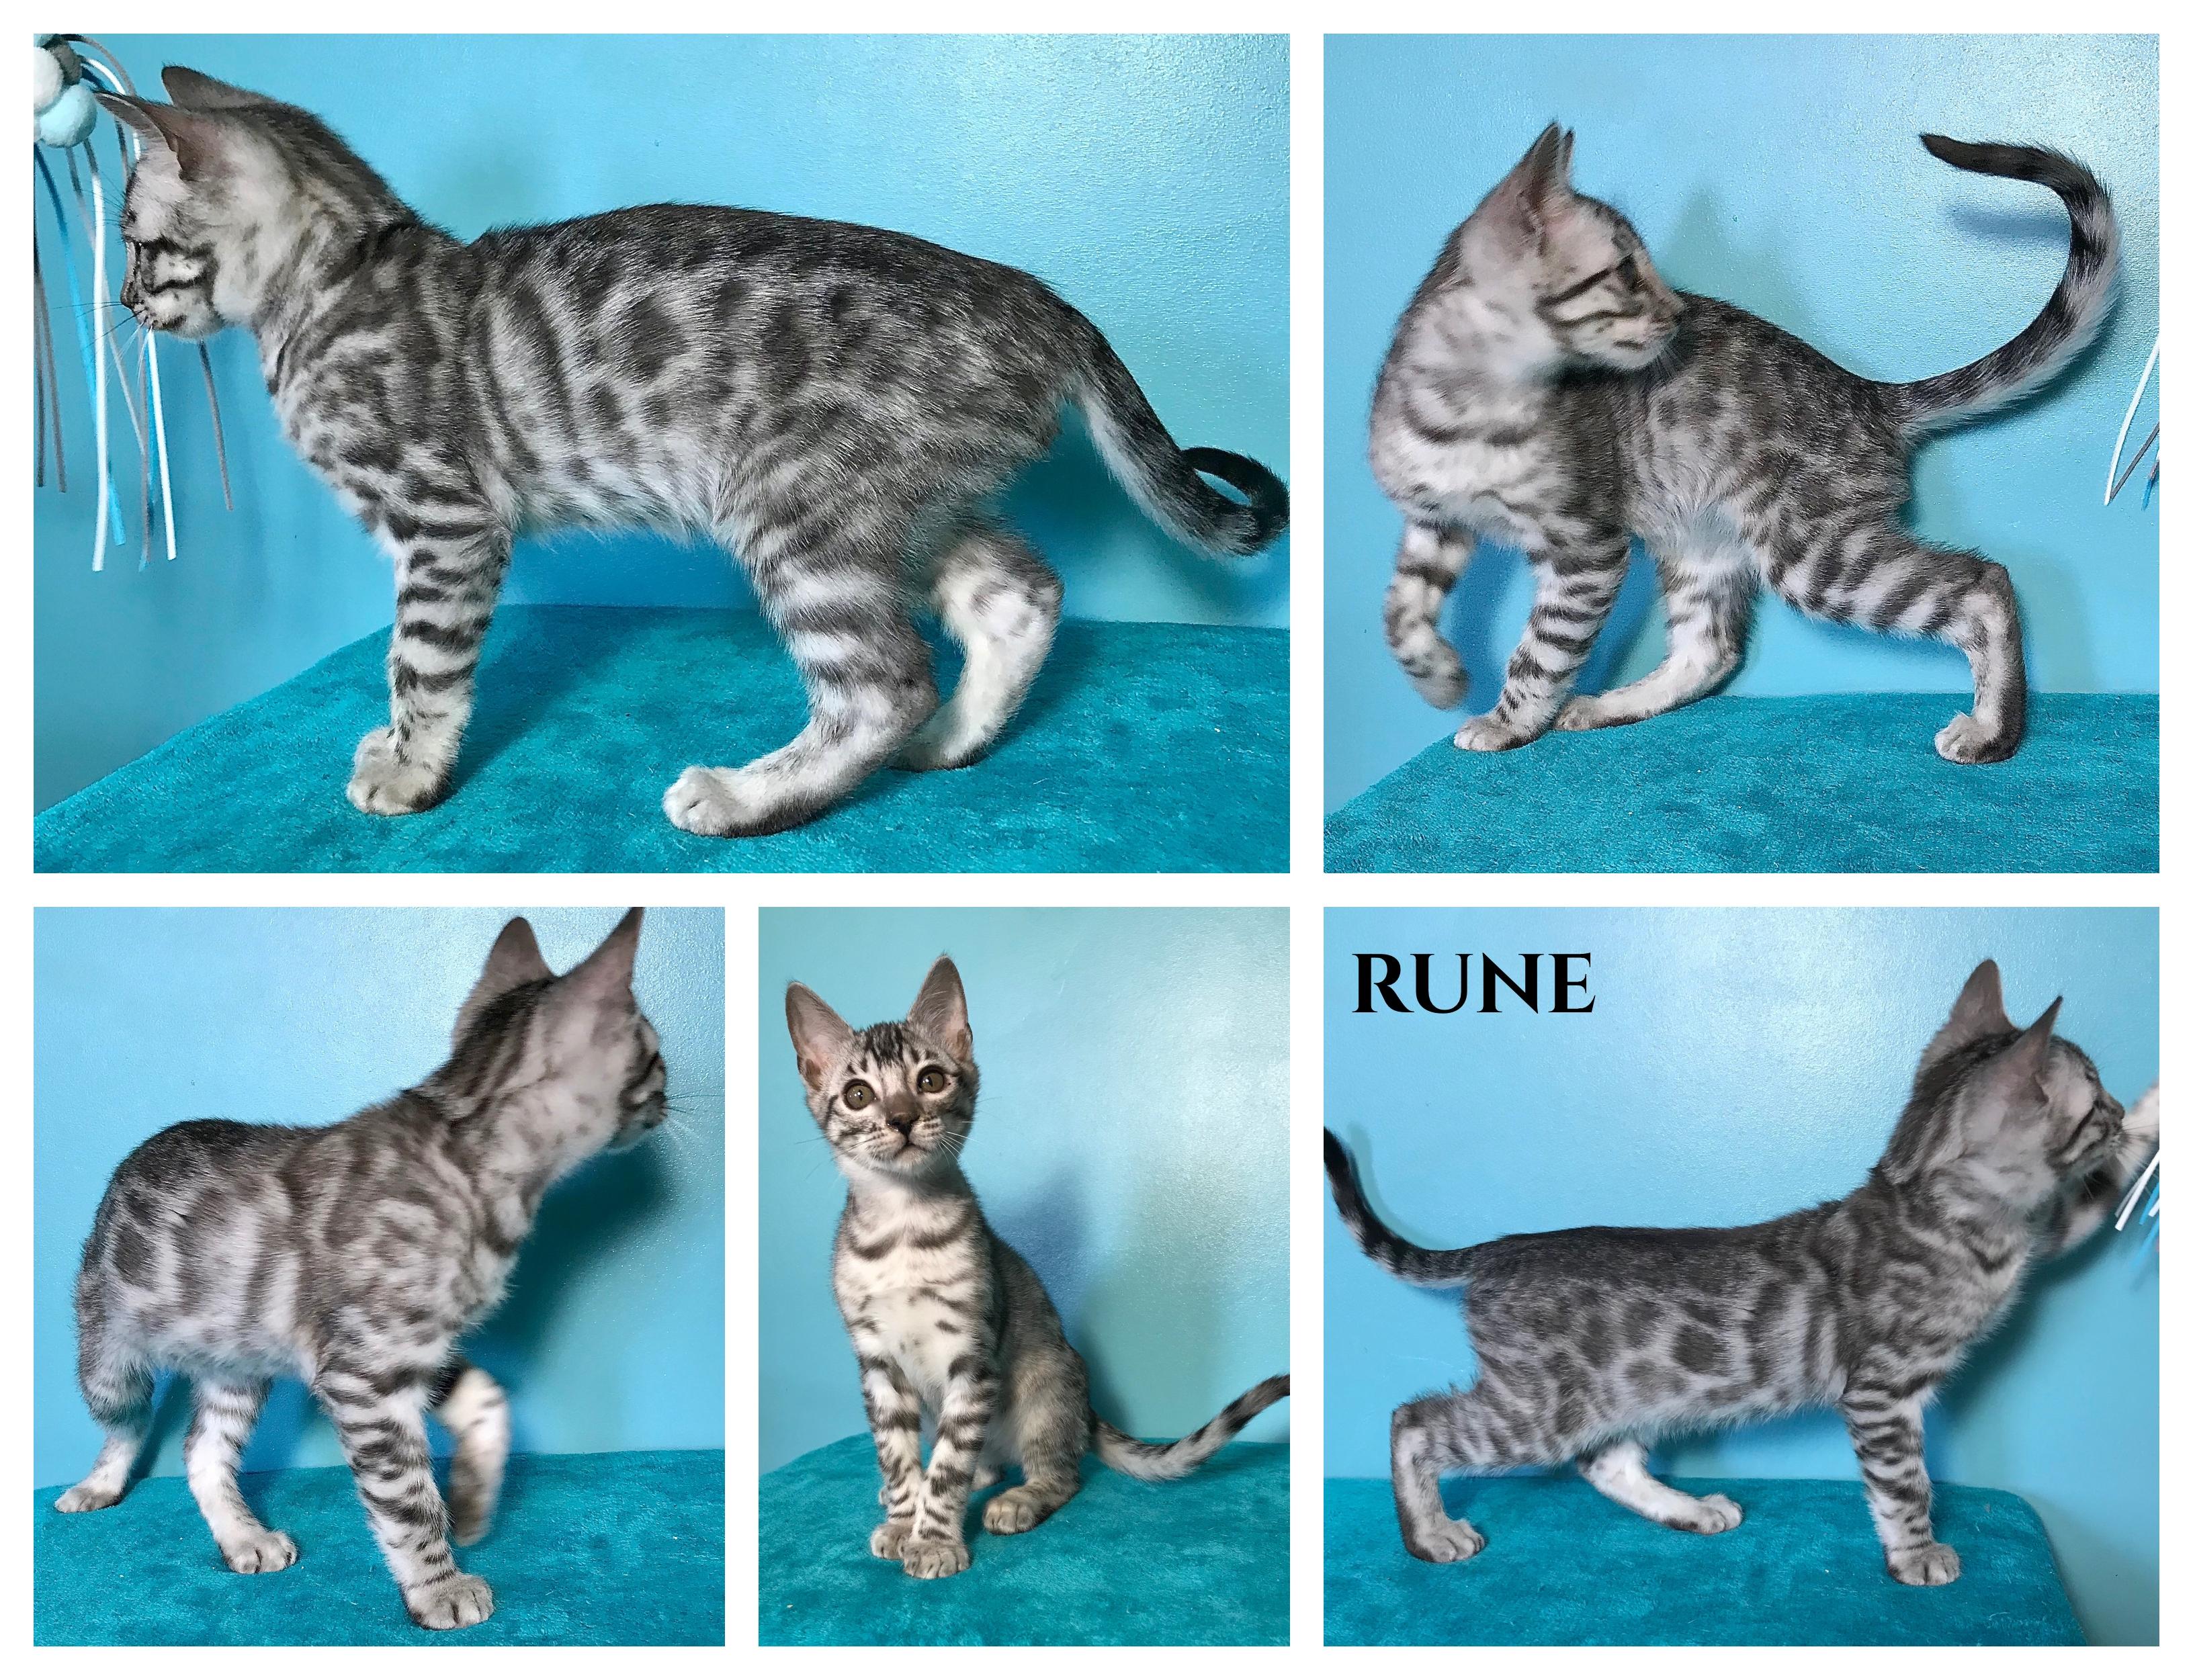 Rune 10 weeks